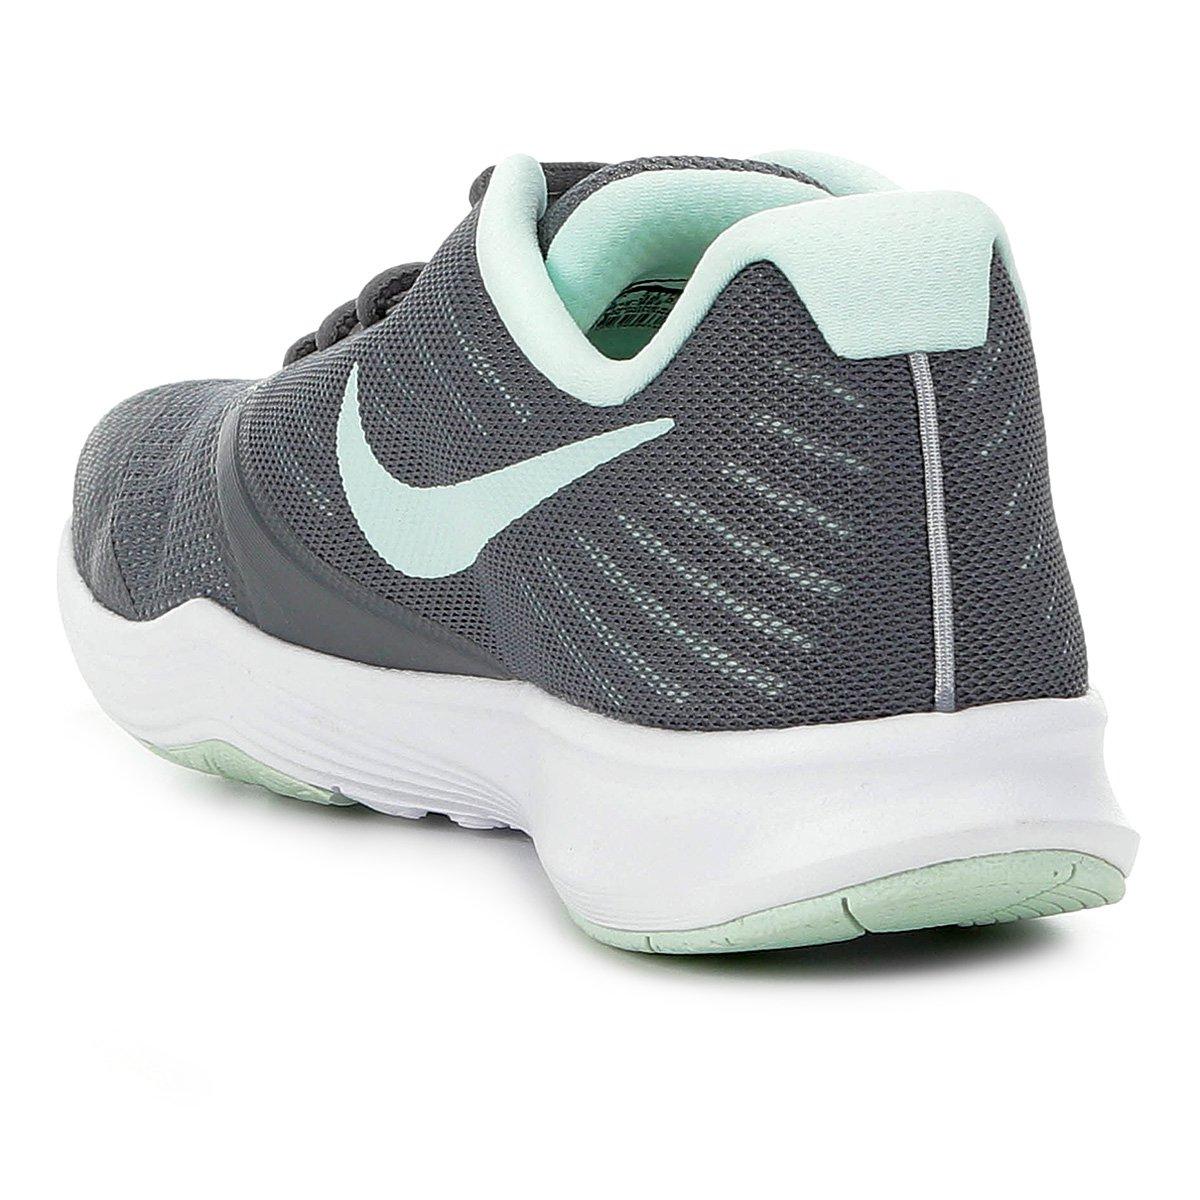 Tênis Nike City Trainer Feminino - Cinza - Compre Agora  4235f0e7a6e9f